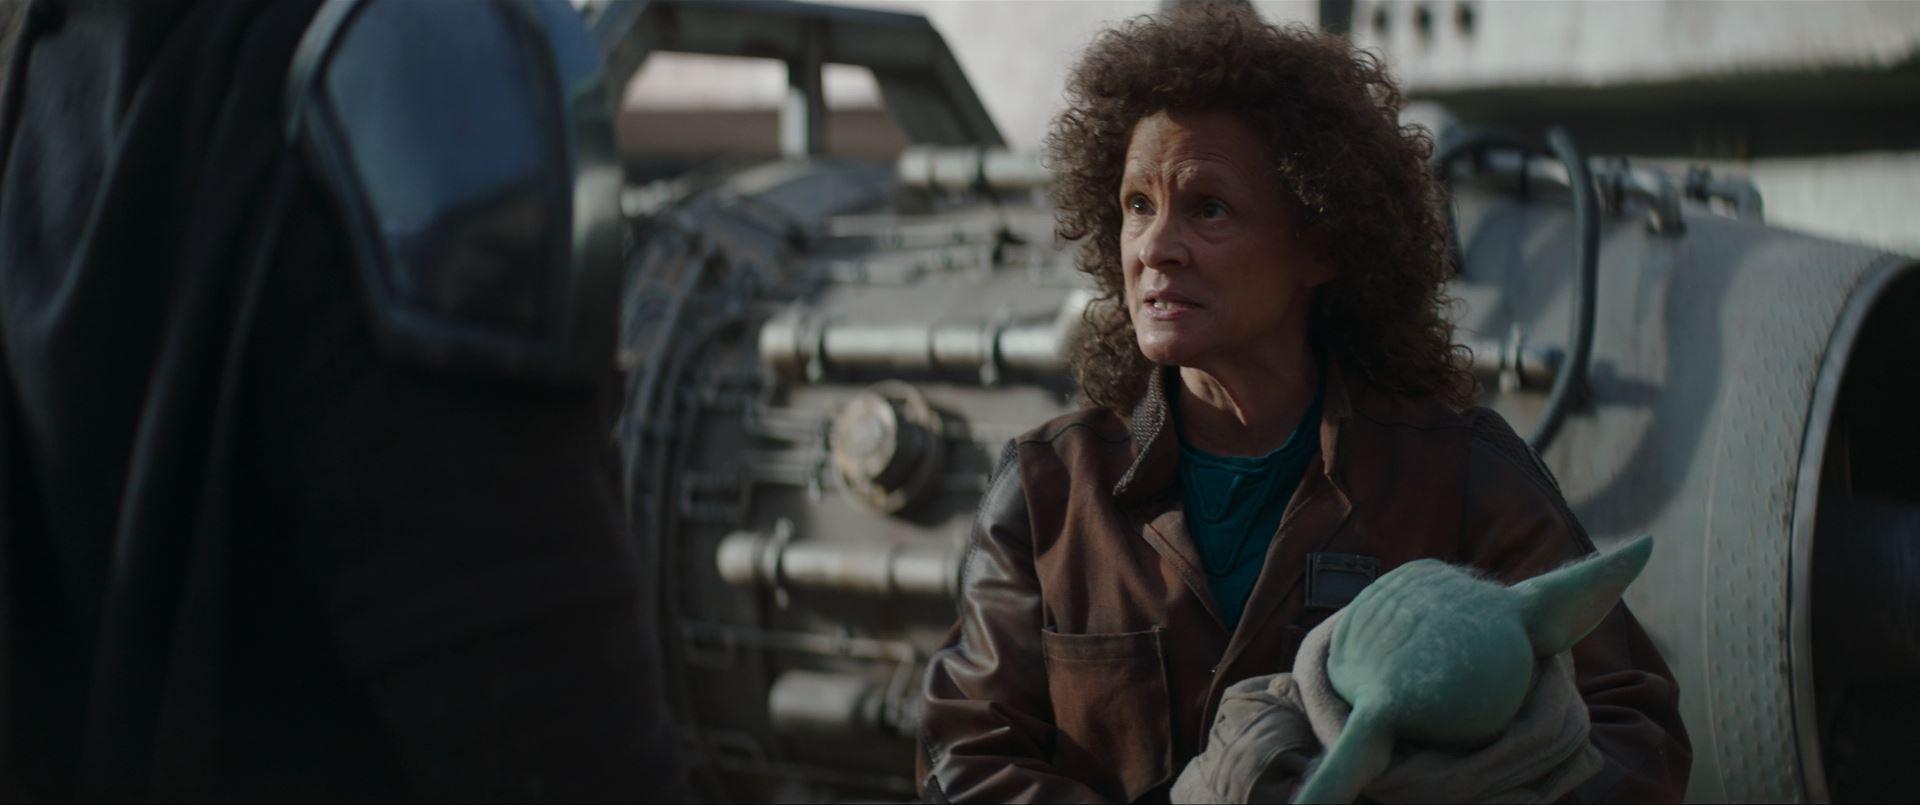 Mandalorian Chapter 9 The Marshal - Amy Sedaris as Peli Motto